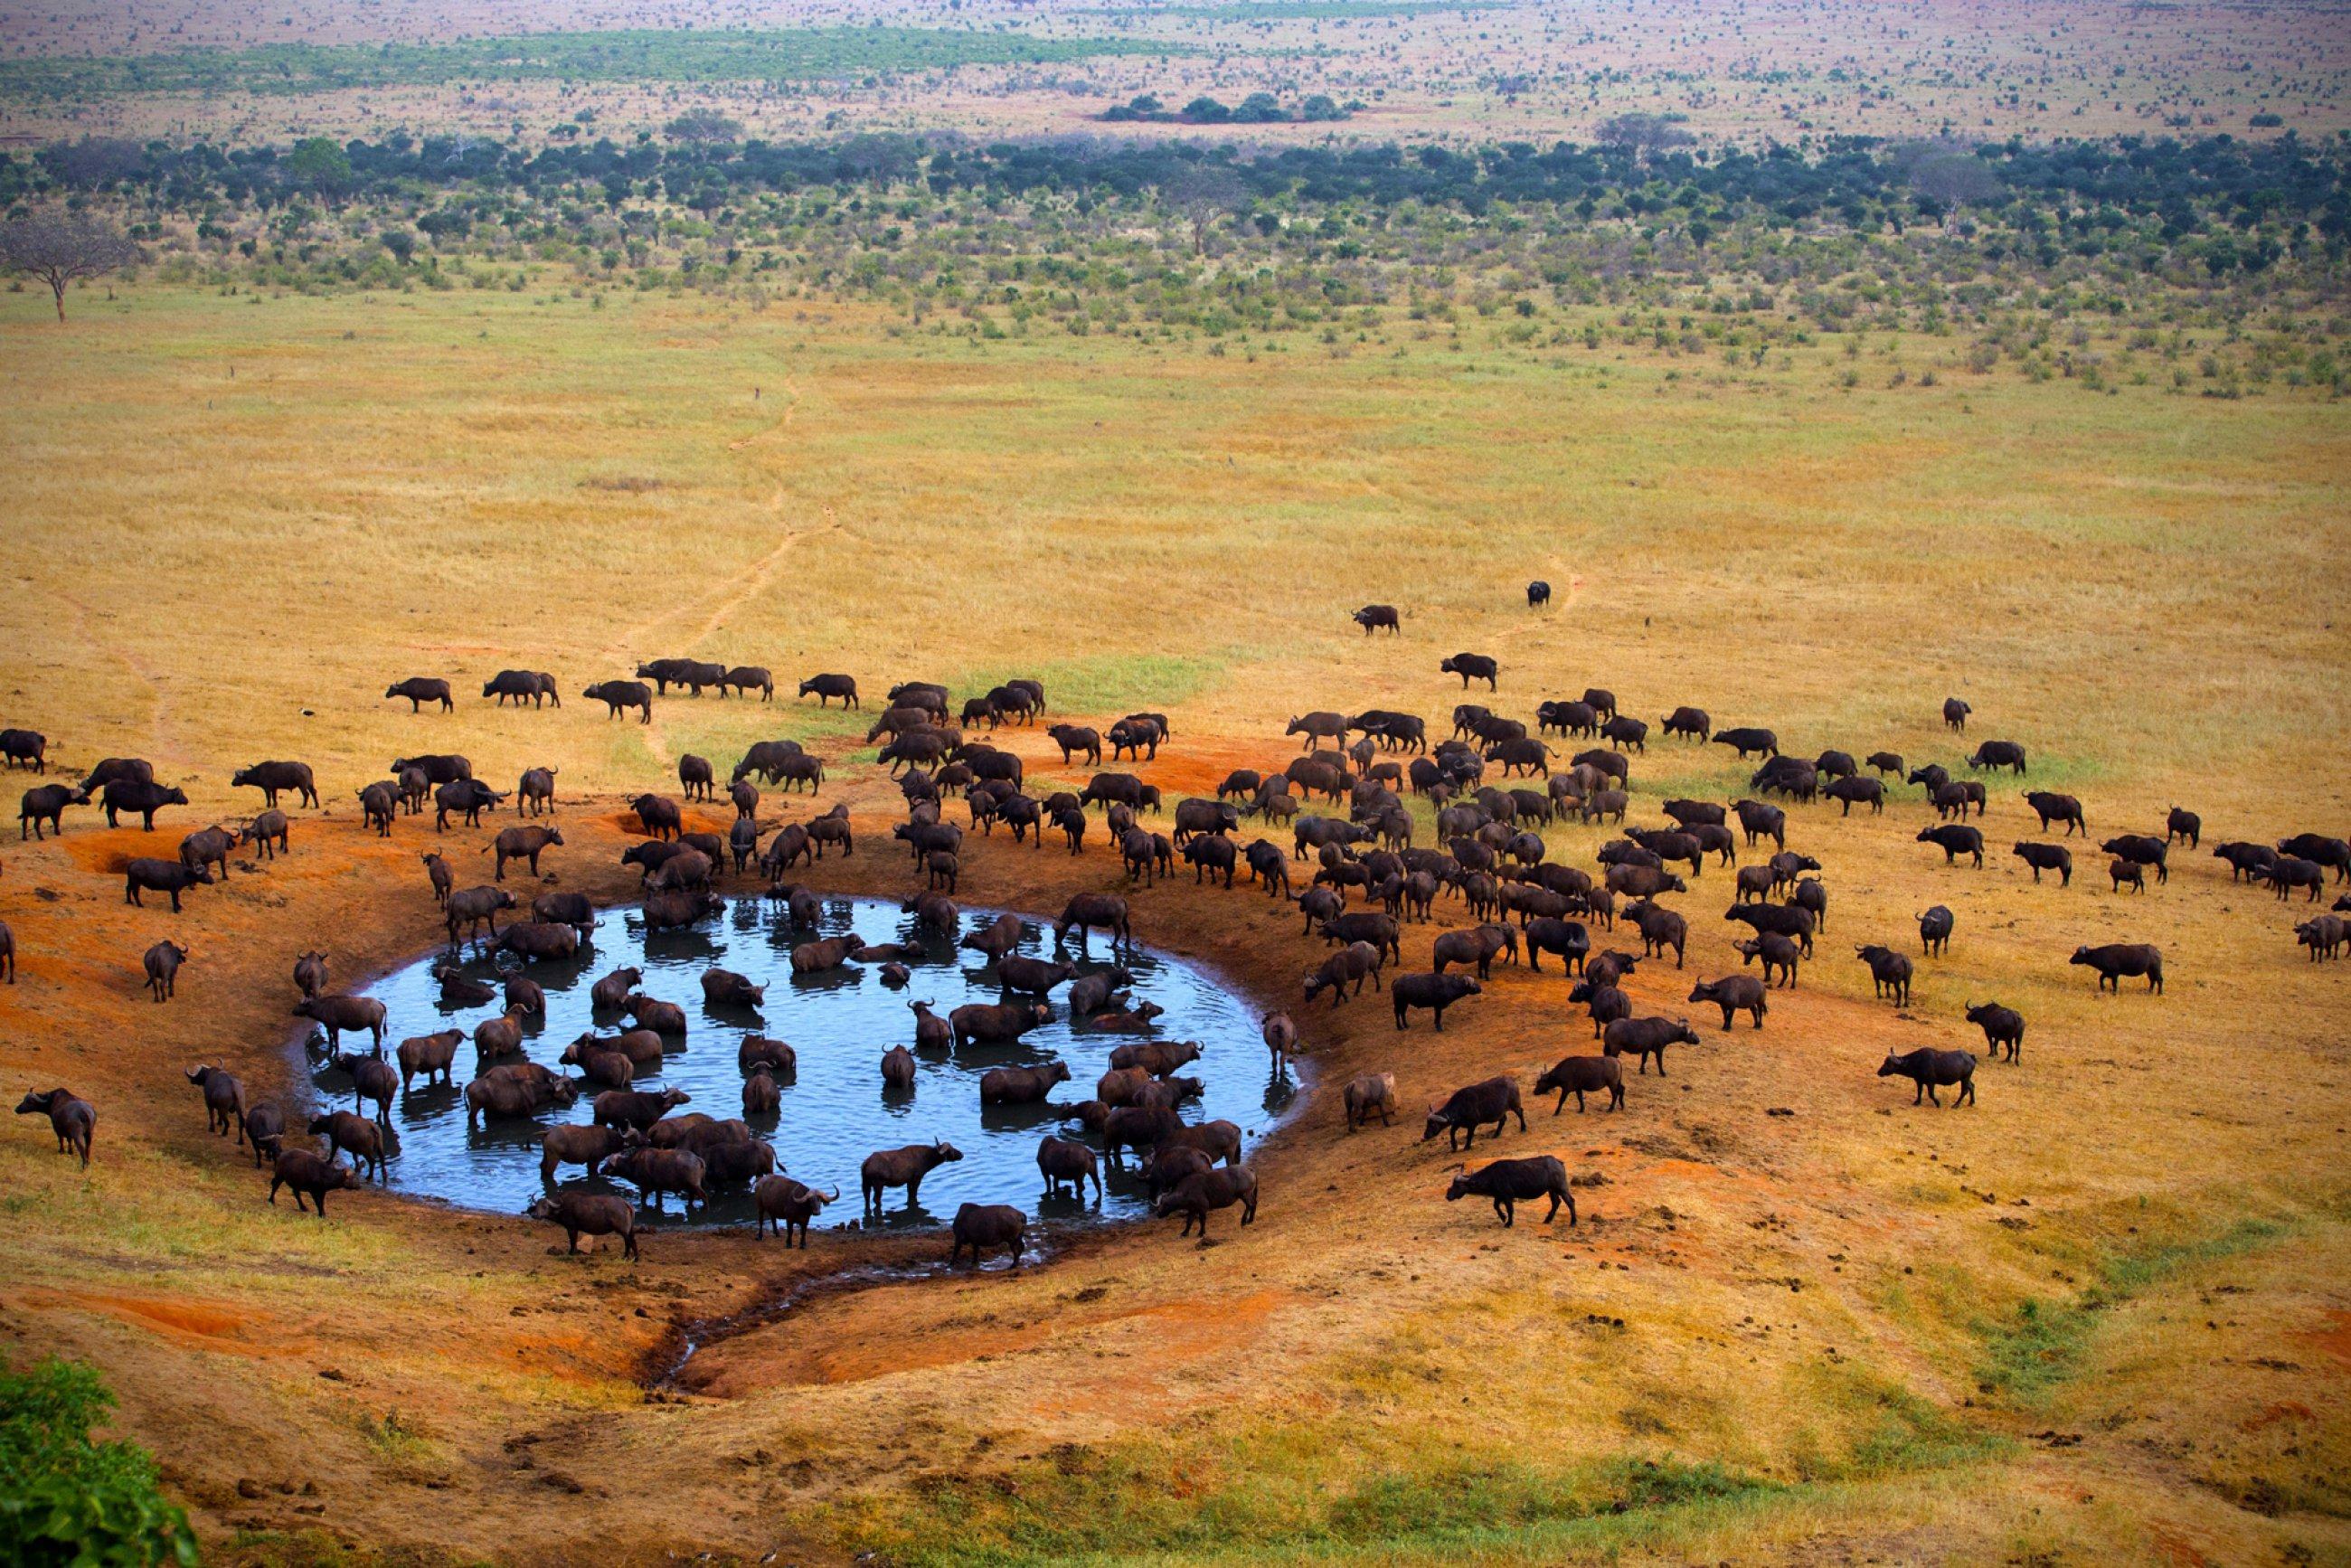 https://bubo.sk/uploads/galleries/16288/safari-pozname-najlepsie-safari-na-svete..jpg